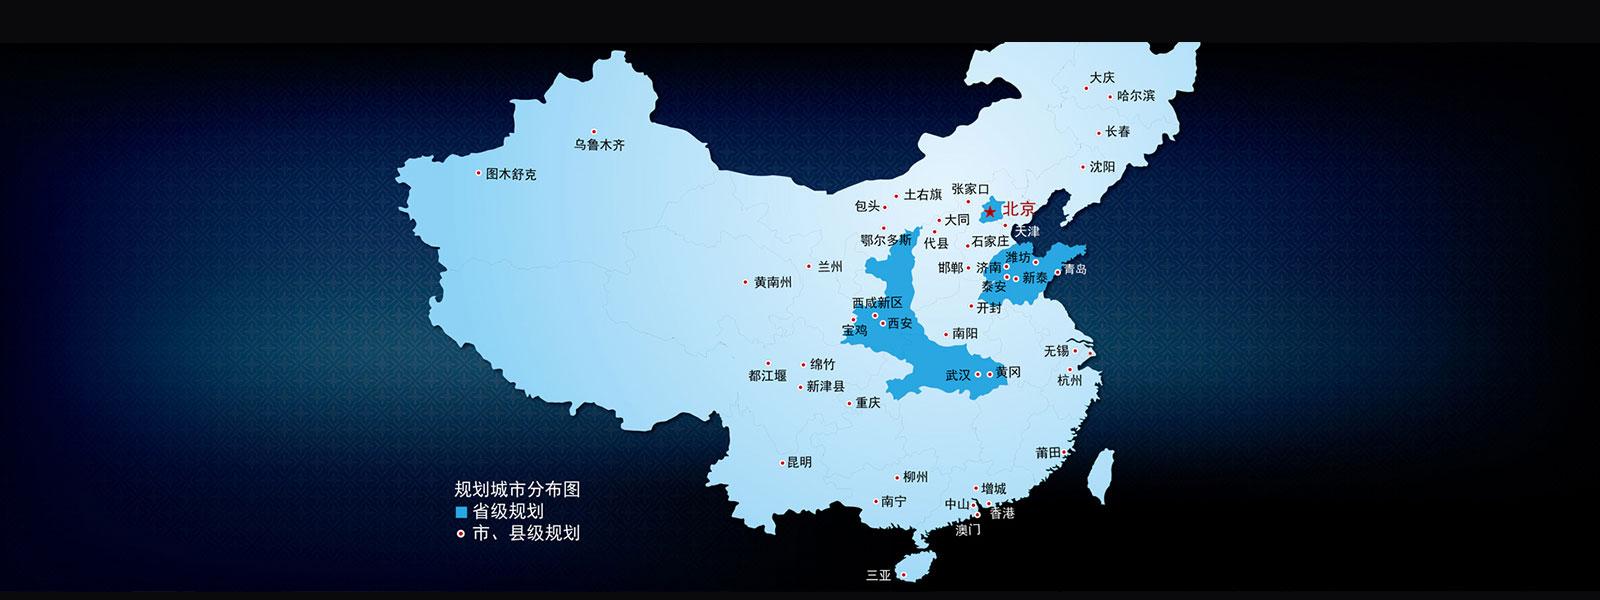 规划城市分布图